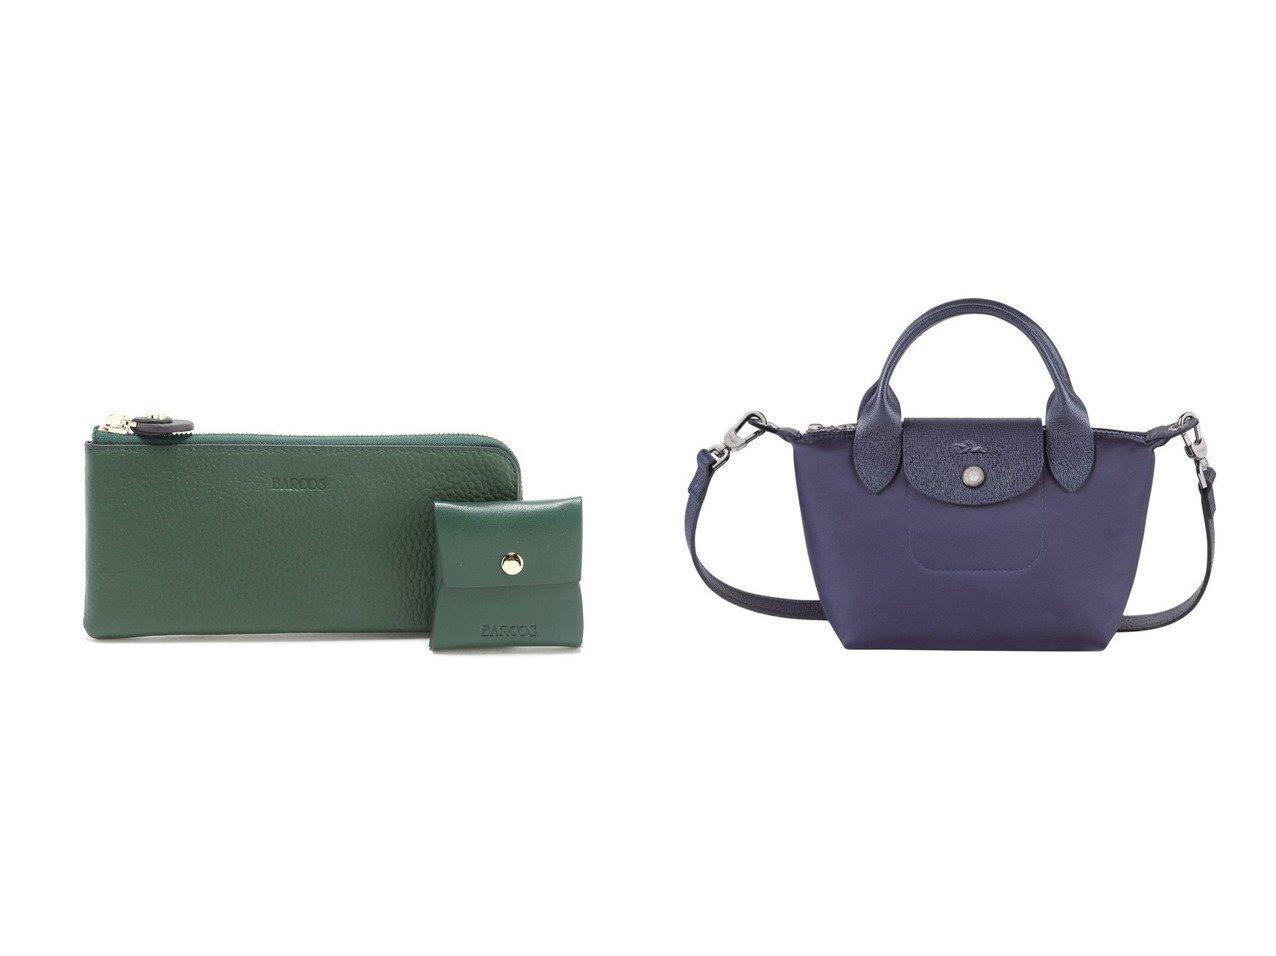 【BARCOS/バルコス】のBARCOS GLウォレット L型財布 チルコロL&【Longchamp/ロンシャン】のル プリアージュ ネオ トップハンドルバッグ XS おすすめ!人気、トレンド・レディースファッションの通販 おすすめで人気の流行・トレンド、ファッションの通販商品 インテリア・家具・メンズファッション・キッズファッション・レディースファッション・服の通販 founy(ファニー) https://founy.com/ ファッション Fashion レディースファッション WOMEN 財布 Wallets アクセサリー コンパクト ハンドバッグ フランス ウォレット ポケット 財布  ID:crp329100000061258